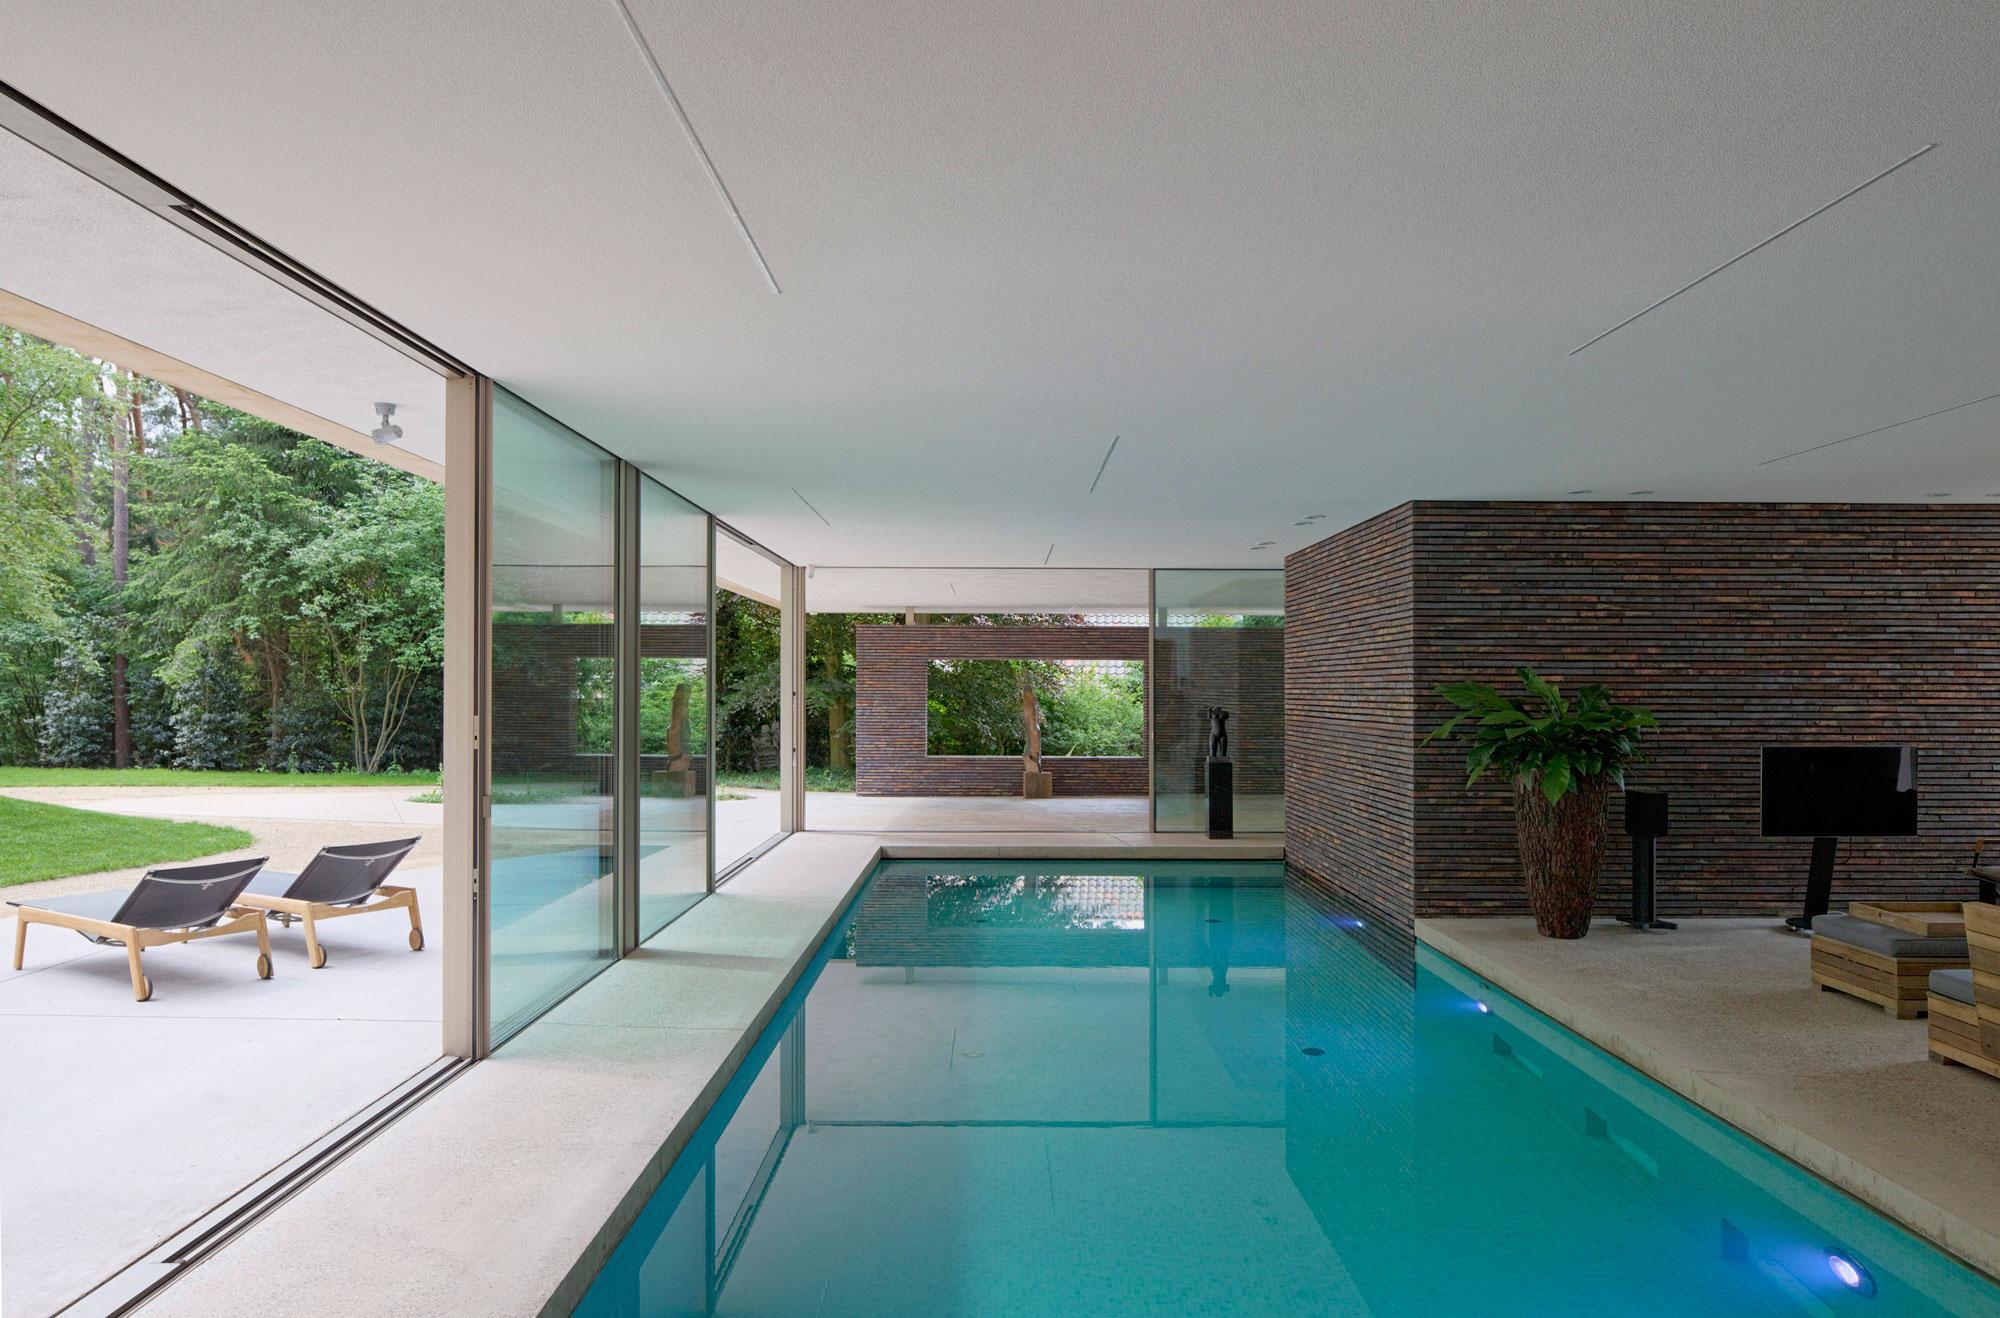 говорит кавай, загородный дом с бассейном проекты фото программе